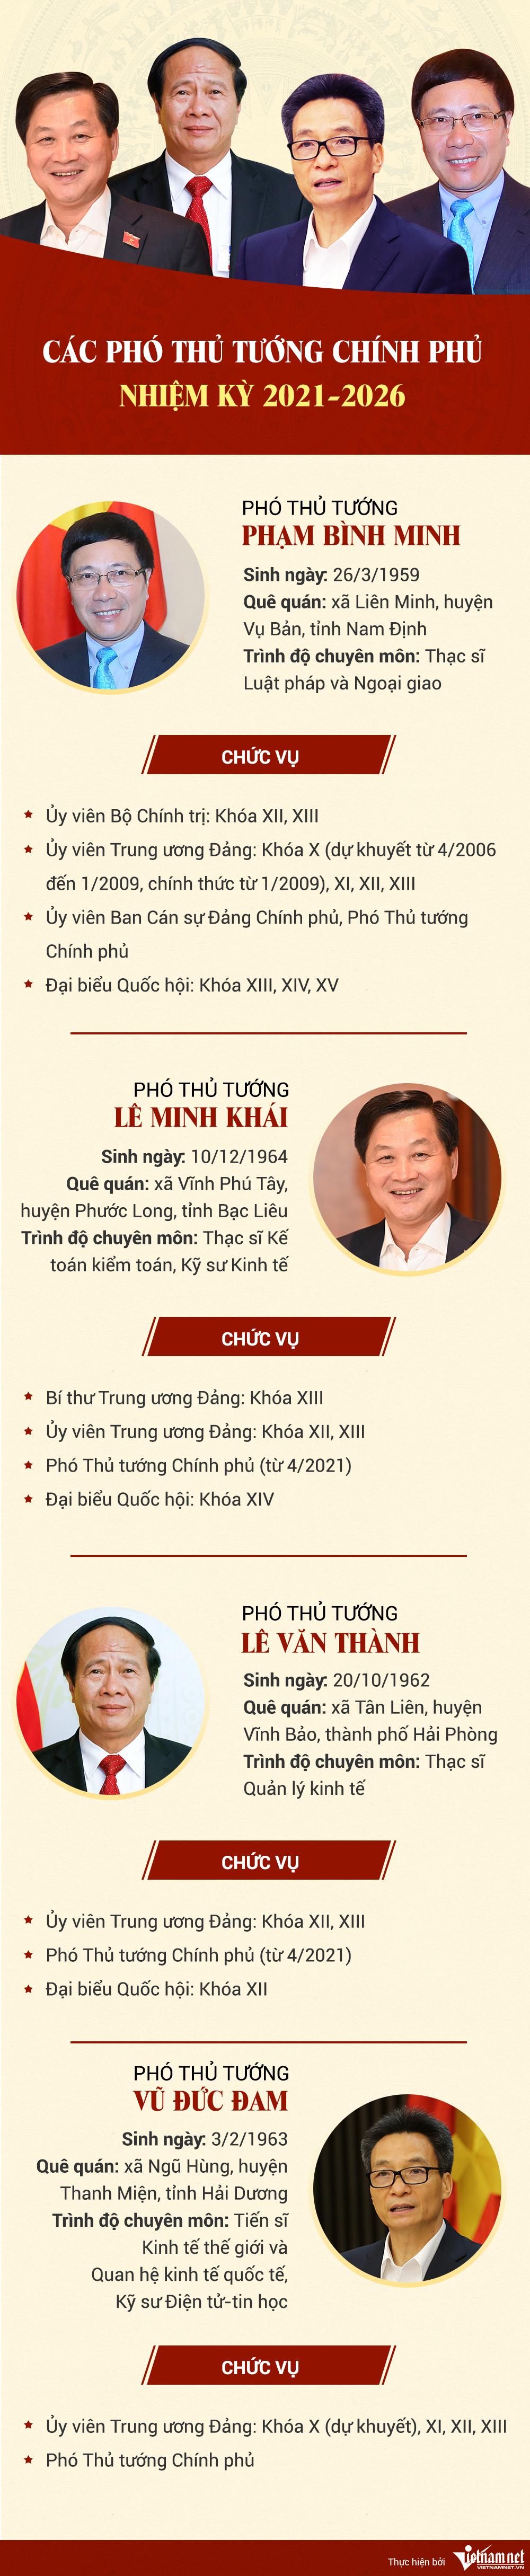 Bốn Phó Thủ tướng Chính phủ nhiệm kỳ 2021-2025